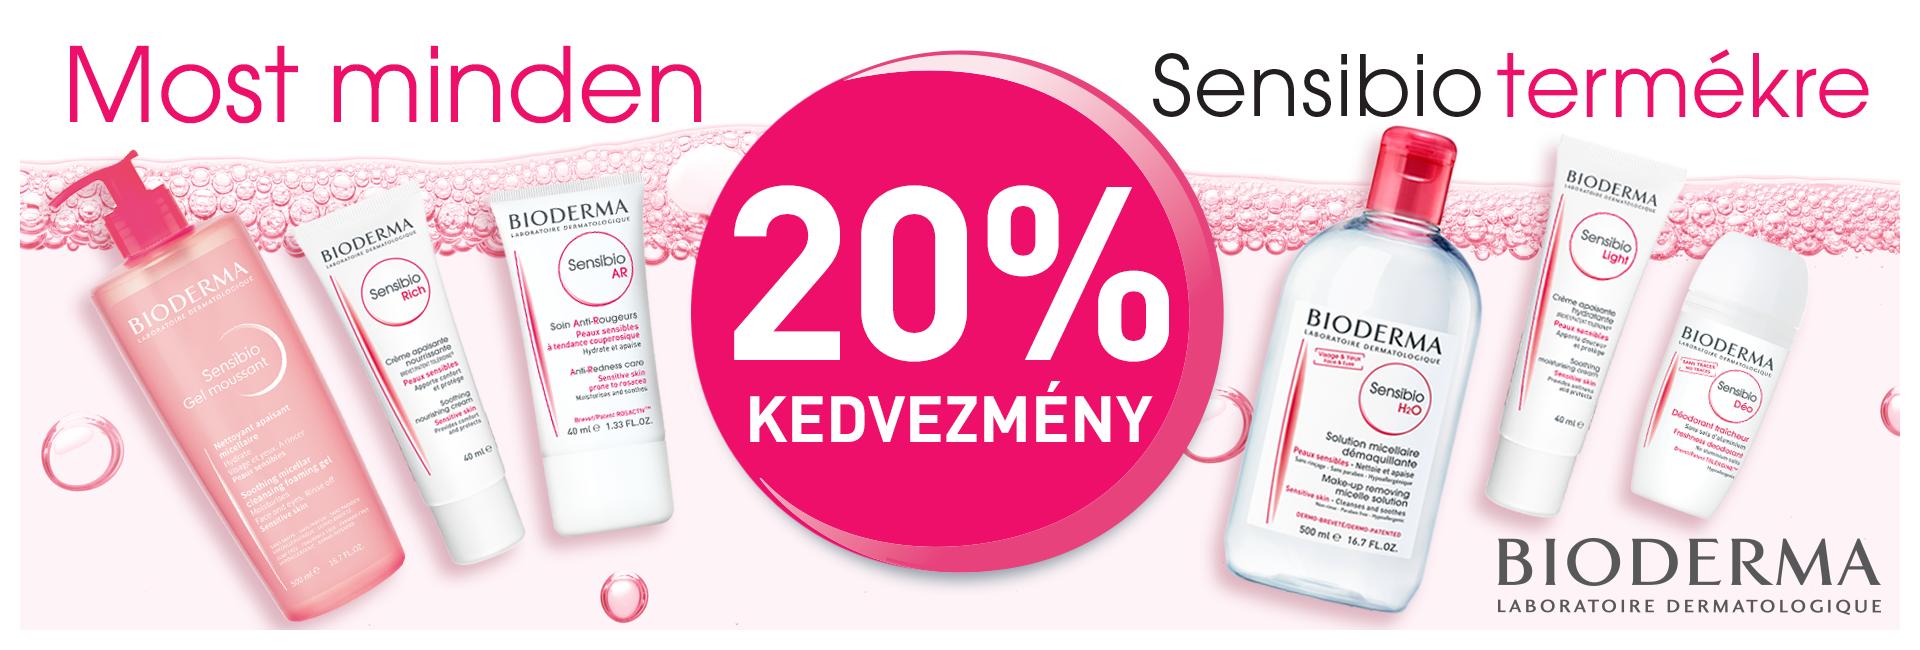 Most minden Bioderma terméket 20% kedvezménnyel kínálunk!